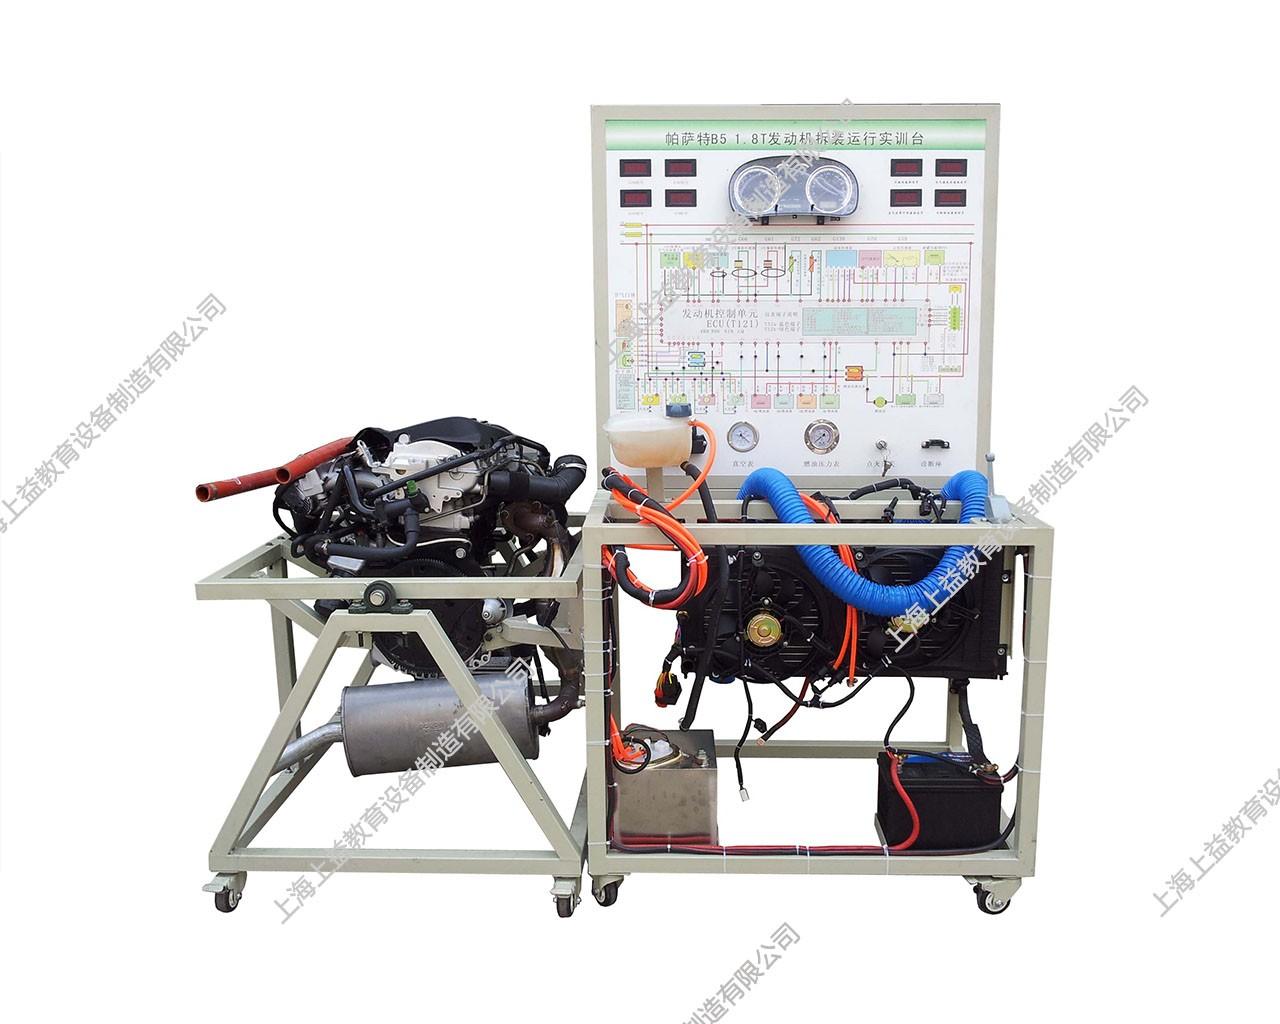 电控汽油发动机拆装运行wwwlehu8vip台(大众帕萨特)